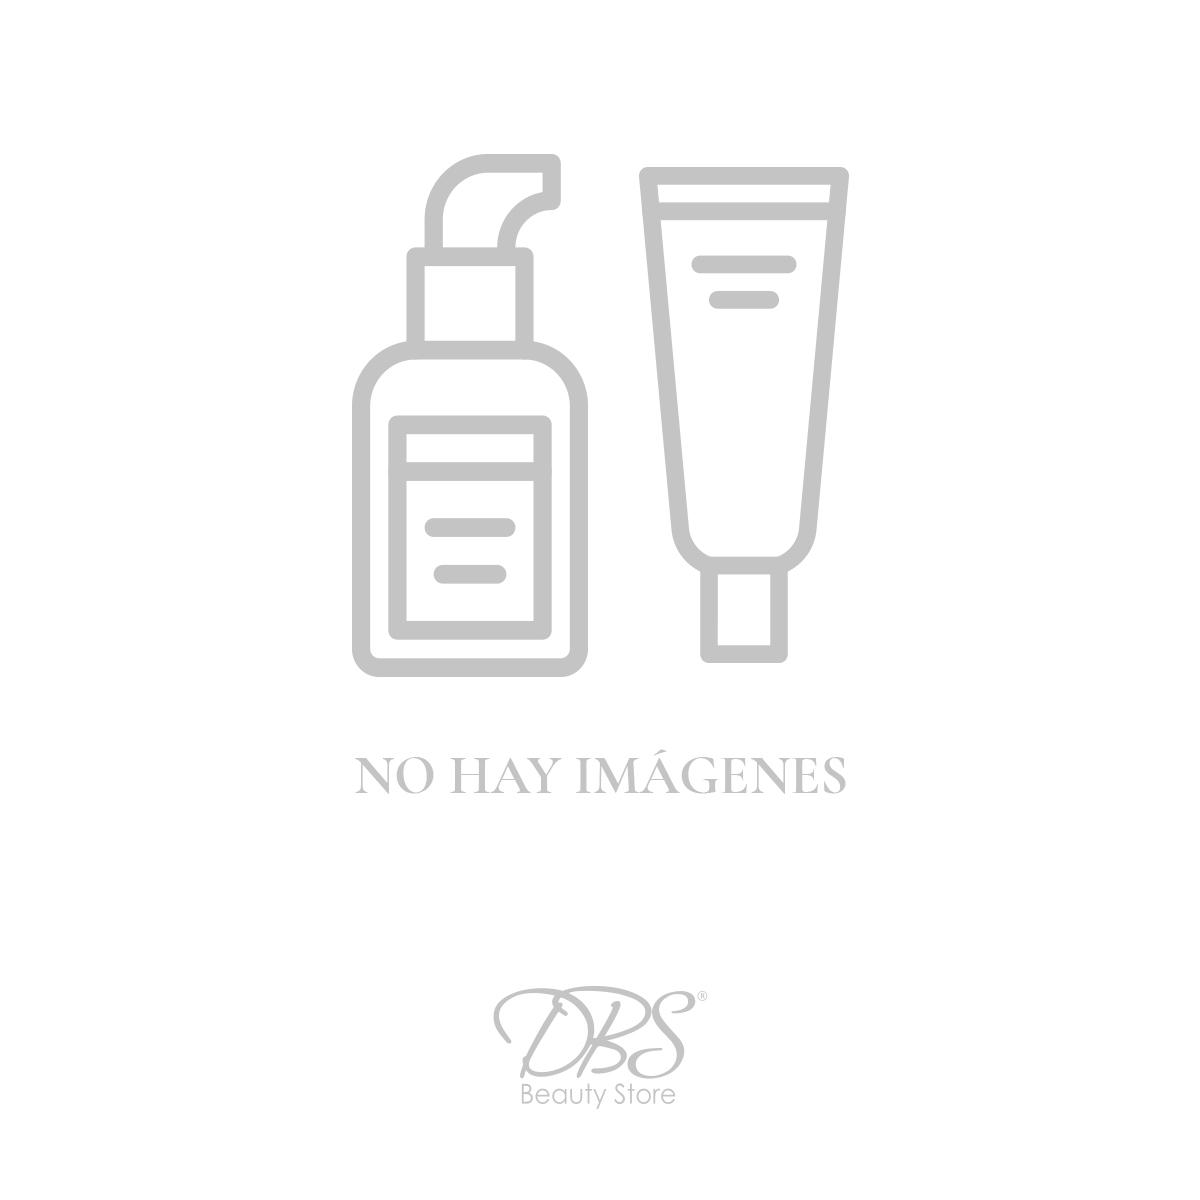 dbs-cosmetics-DBS-LI1064-MP.jpg